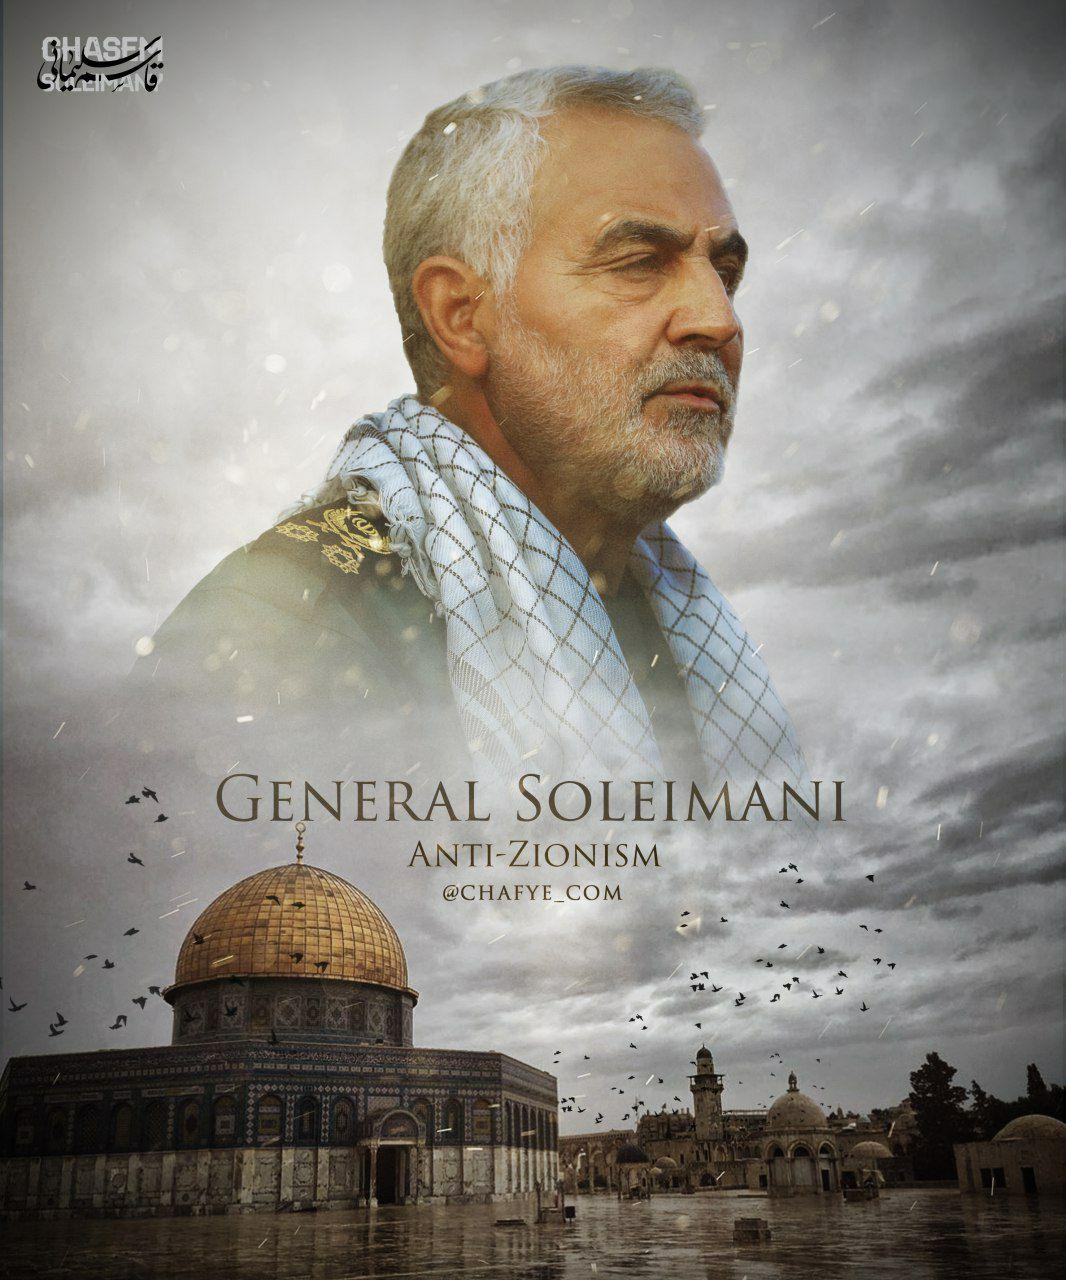 دانلود آهنگ شهادت سردار سلیمانی با آهنگ مختارنامه/ از جبهه شهید دیگر آمد…